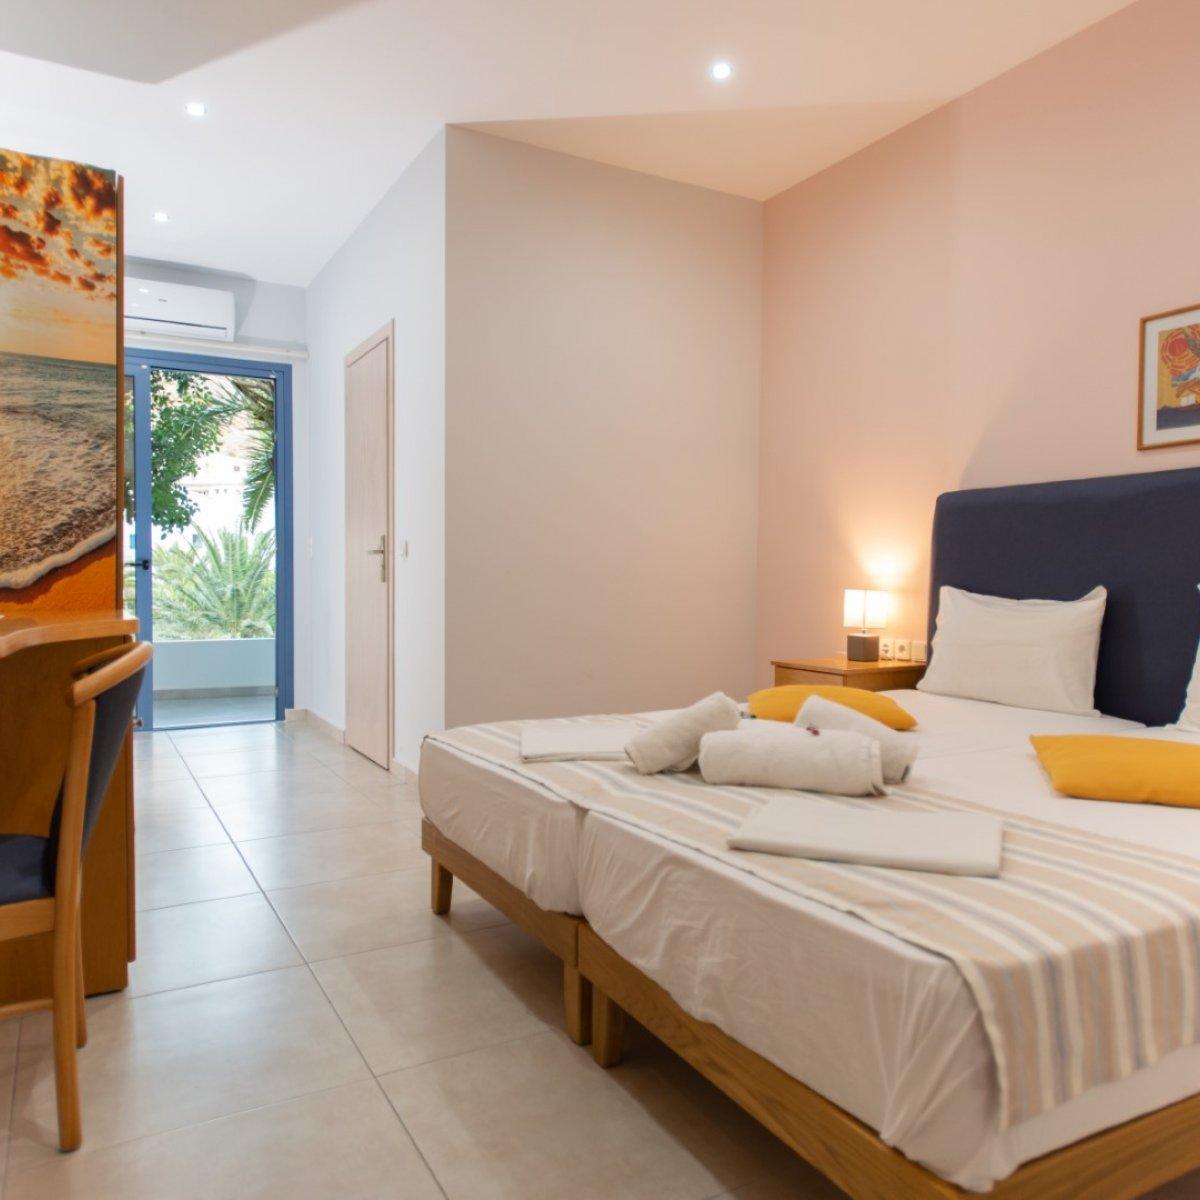 Hotel Neos Ikaros - Standard Room